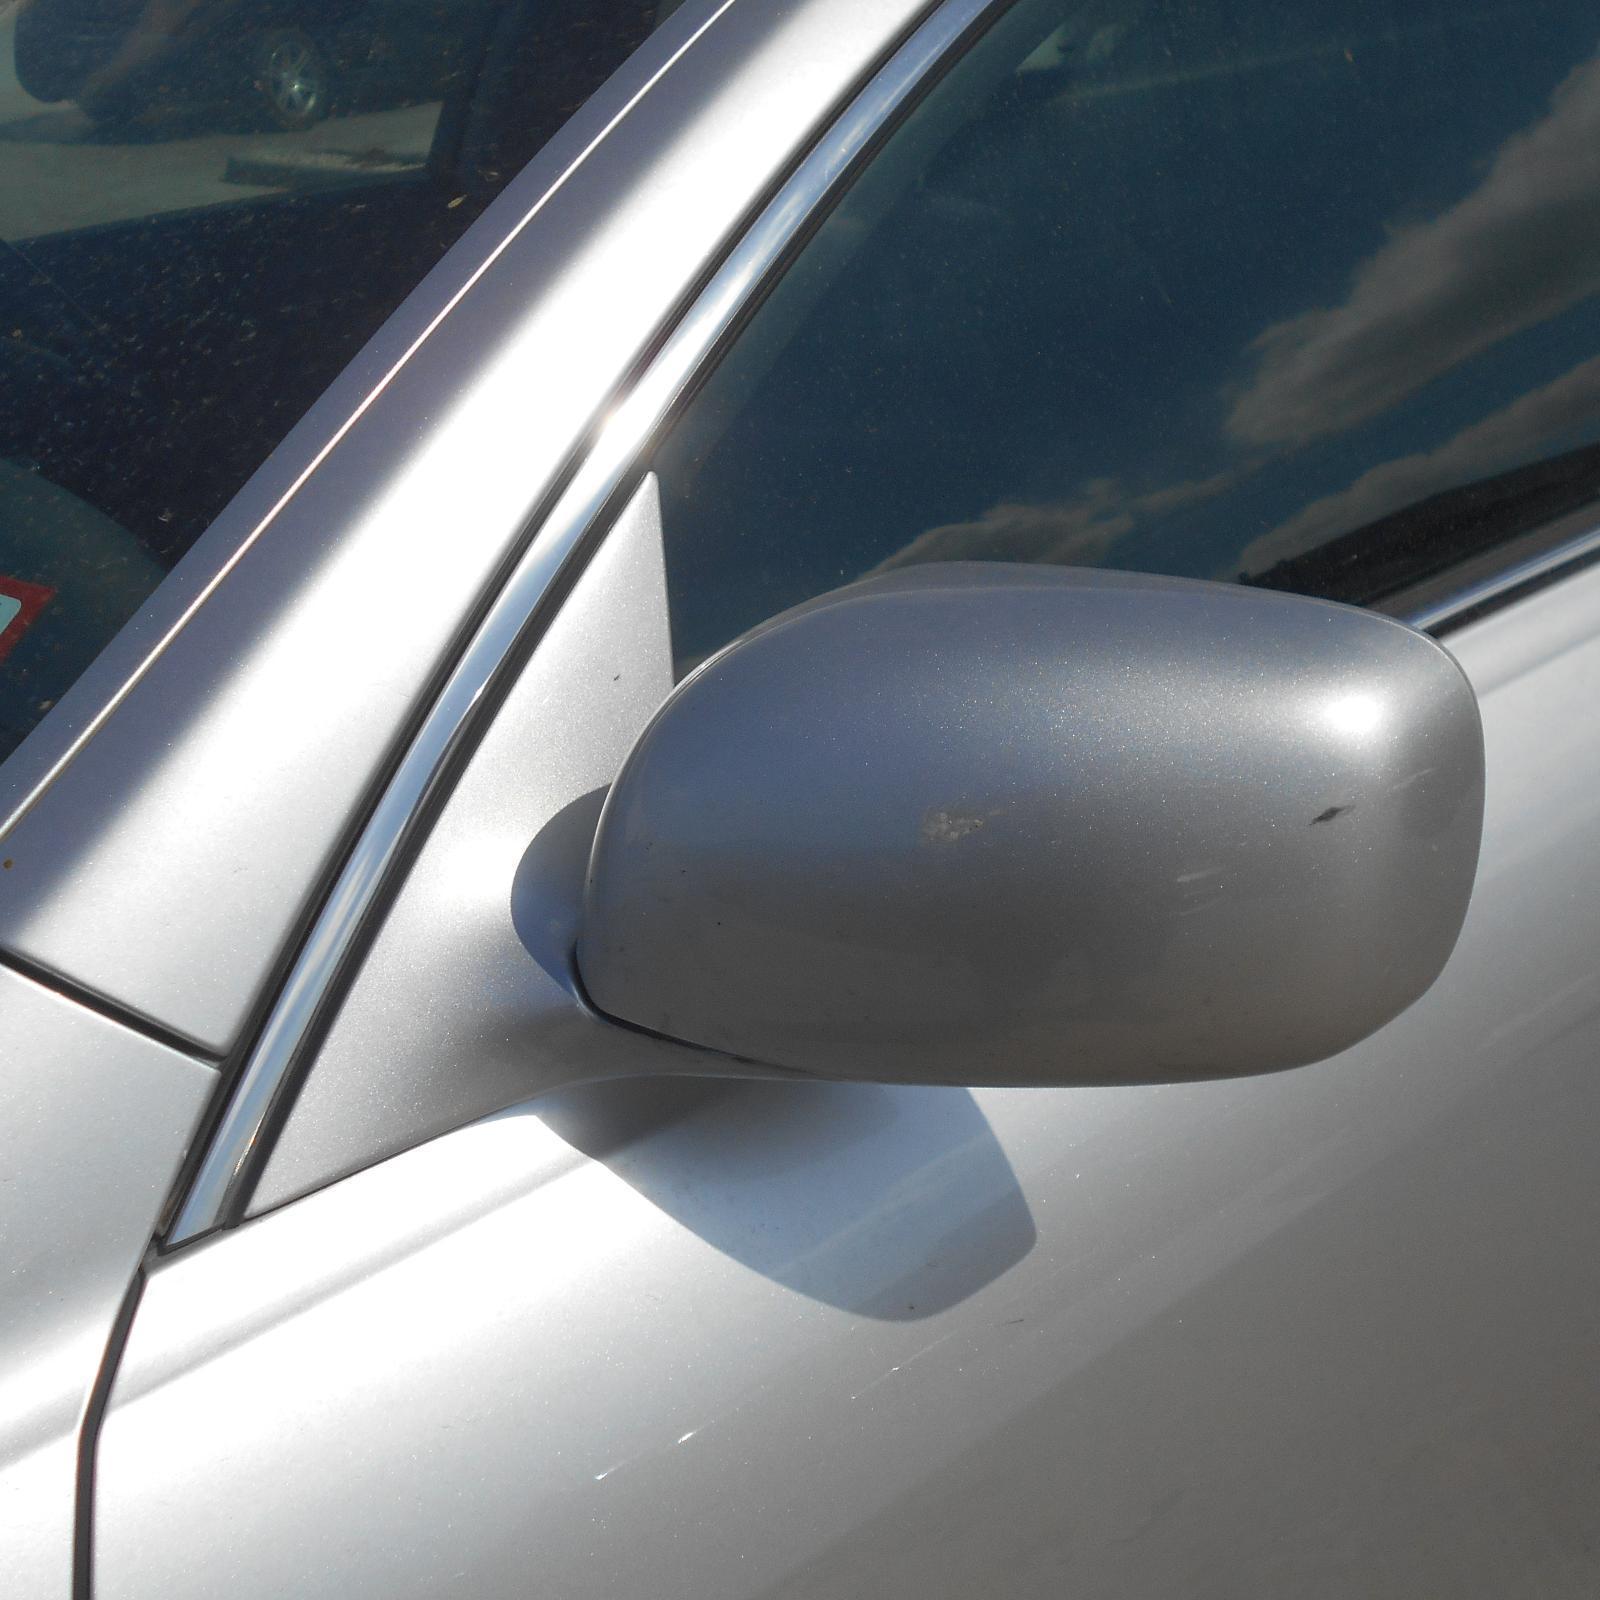 LEXUS GS, Left Door Mirror, 190 SERIES, NON FLASHER TYPE, 03/05-01/08